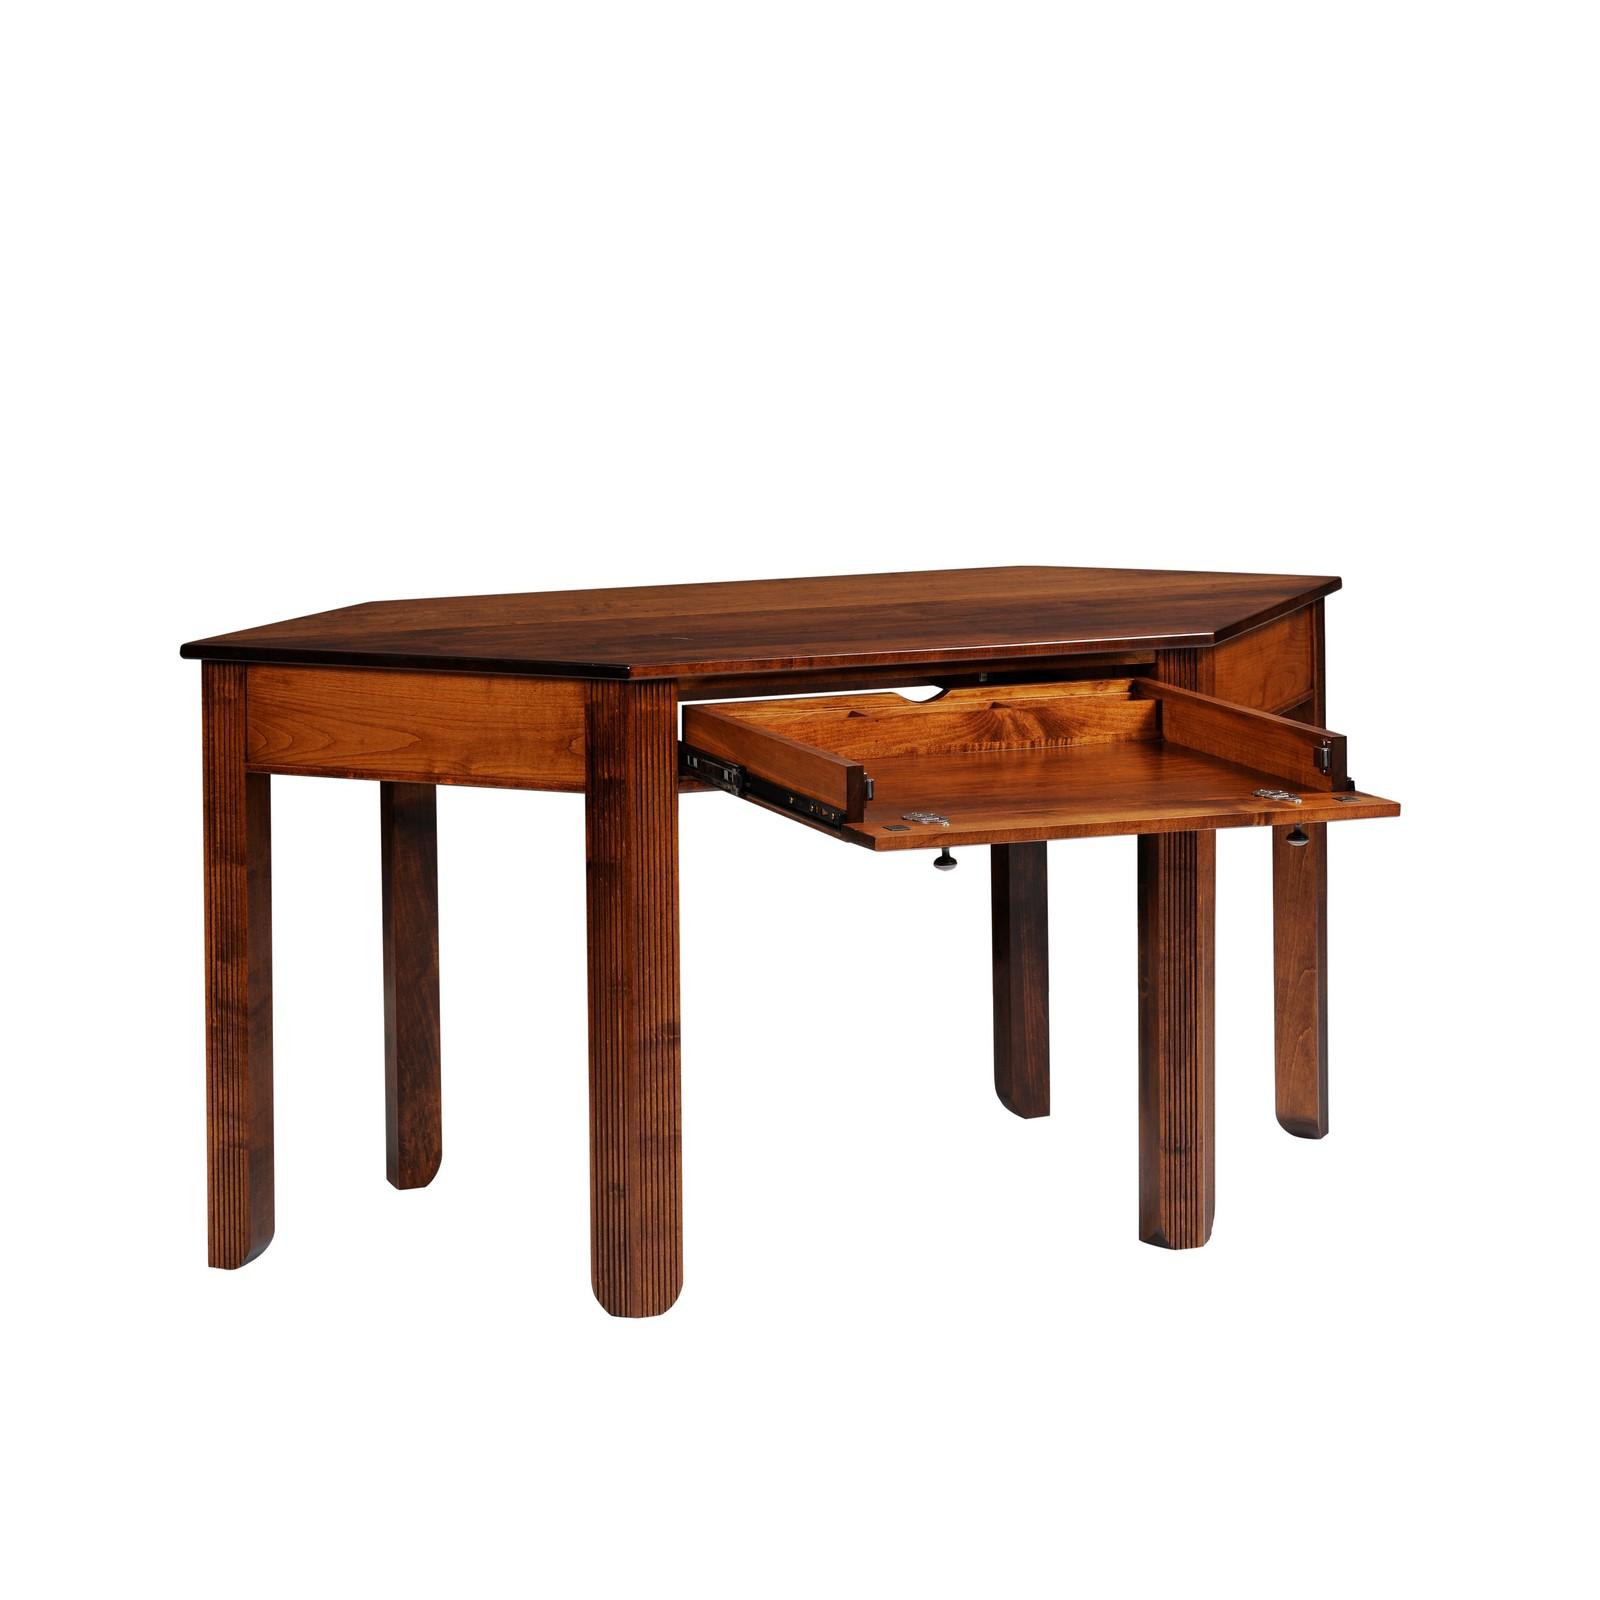 Y & T Woodcraft Modular Corner Desk Stewart Roth Furniture